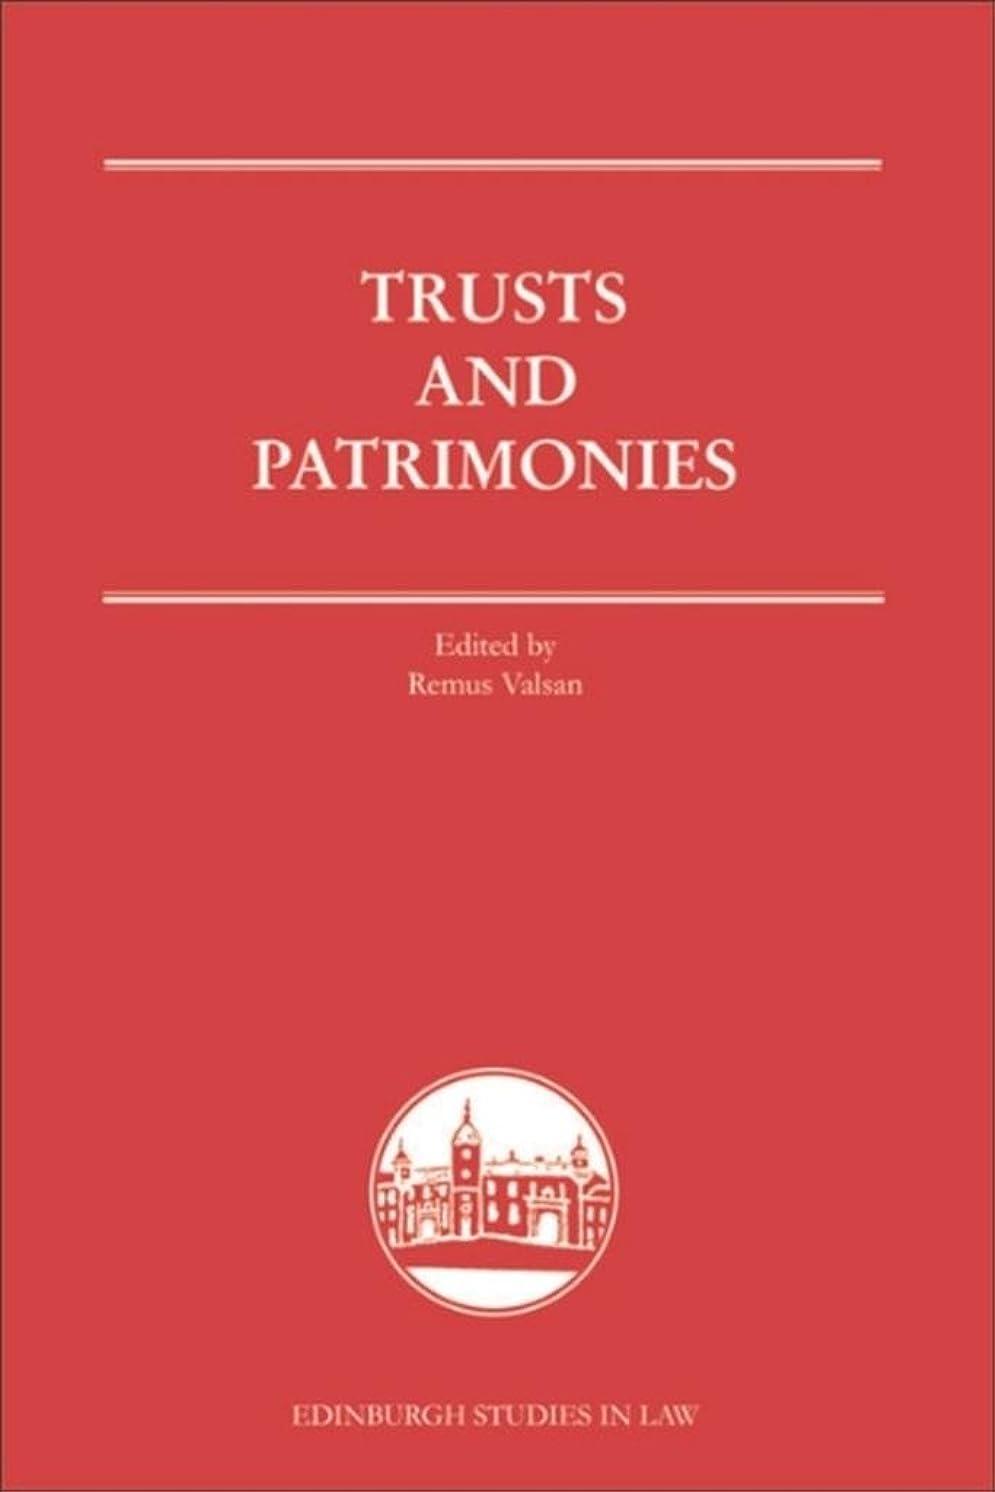 蒸発何十人もディプロマTrusts and Patrimonies (Edinburgh Studies in Law Book 12) (English Edition)